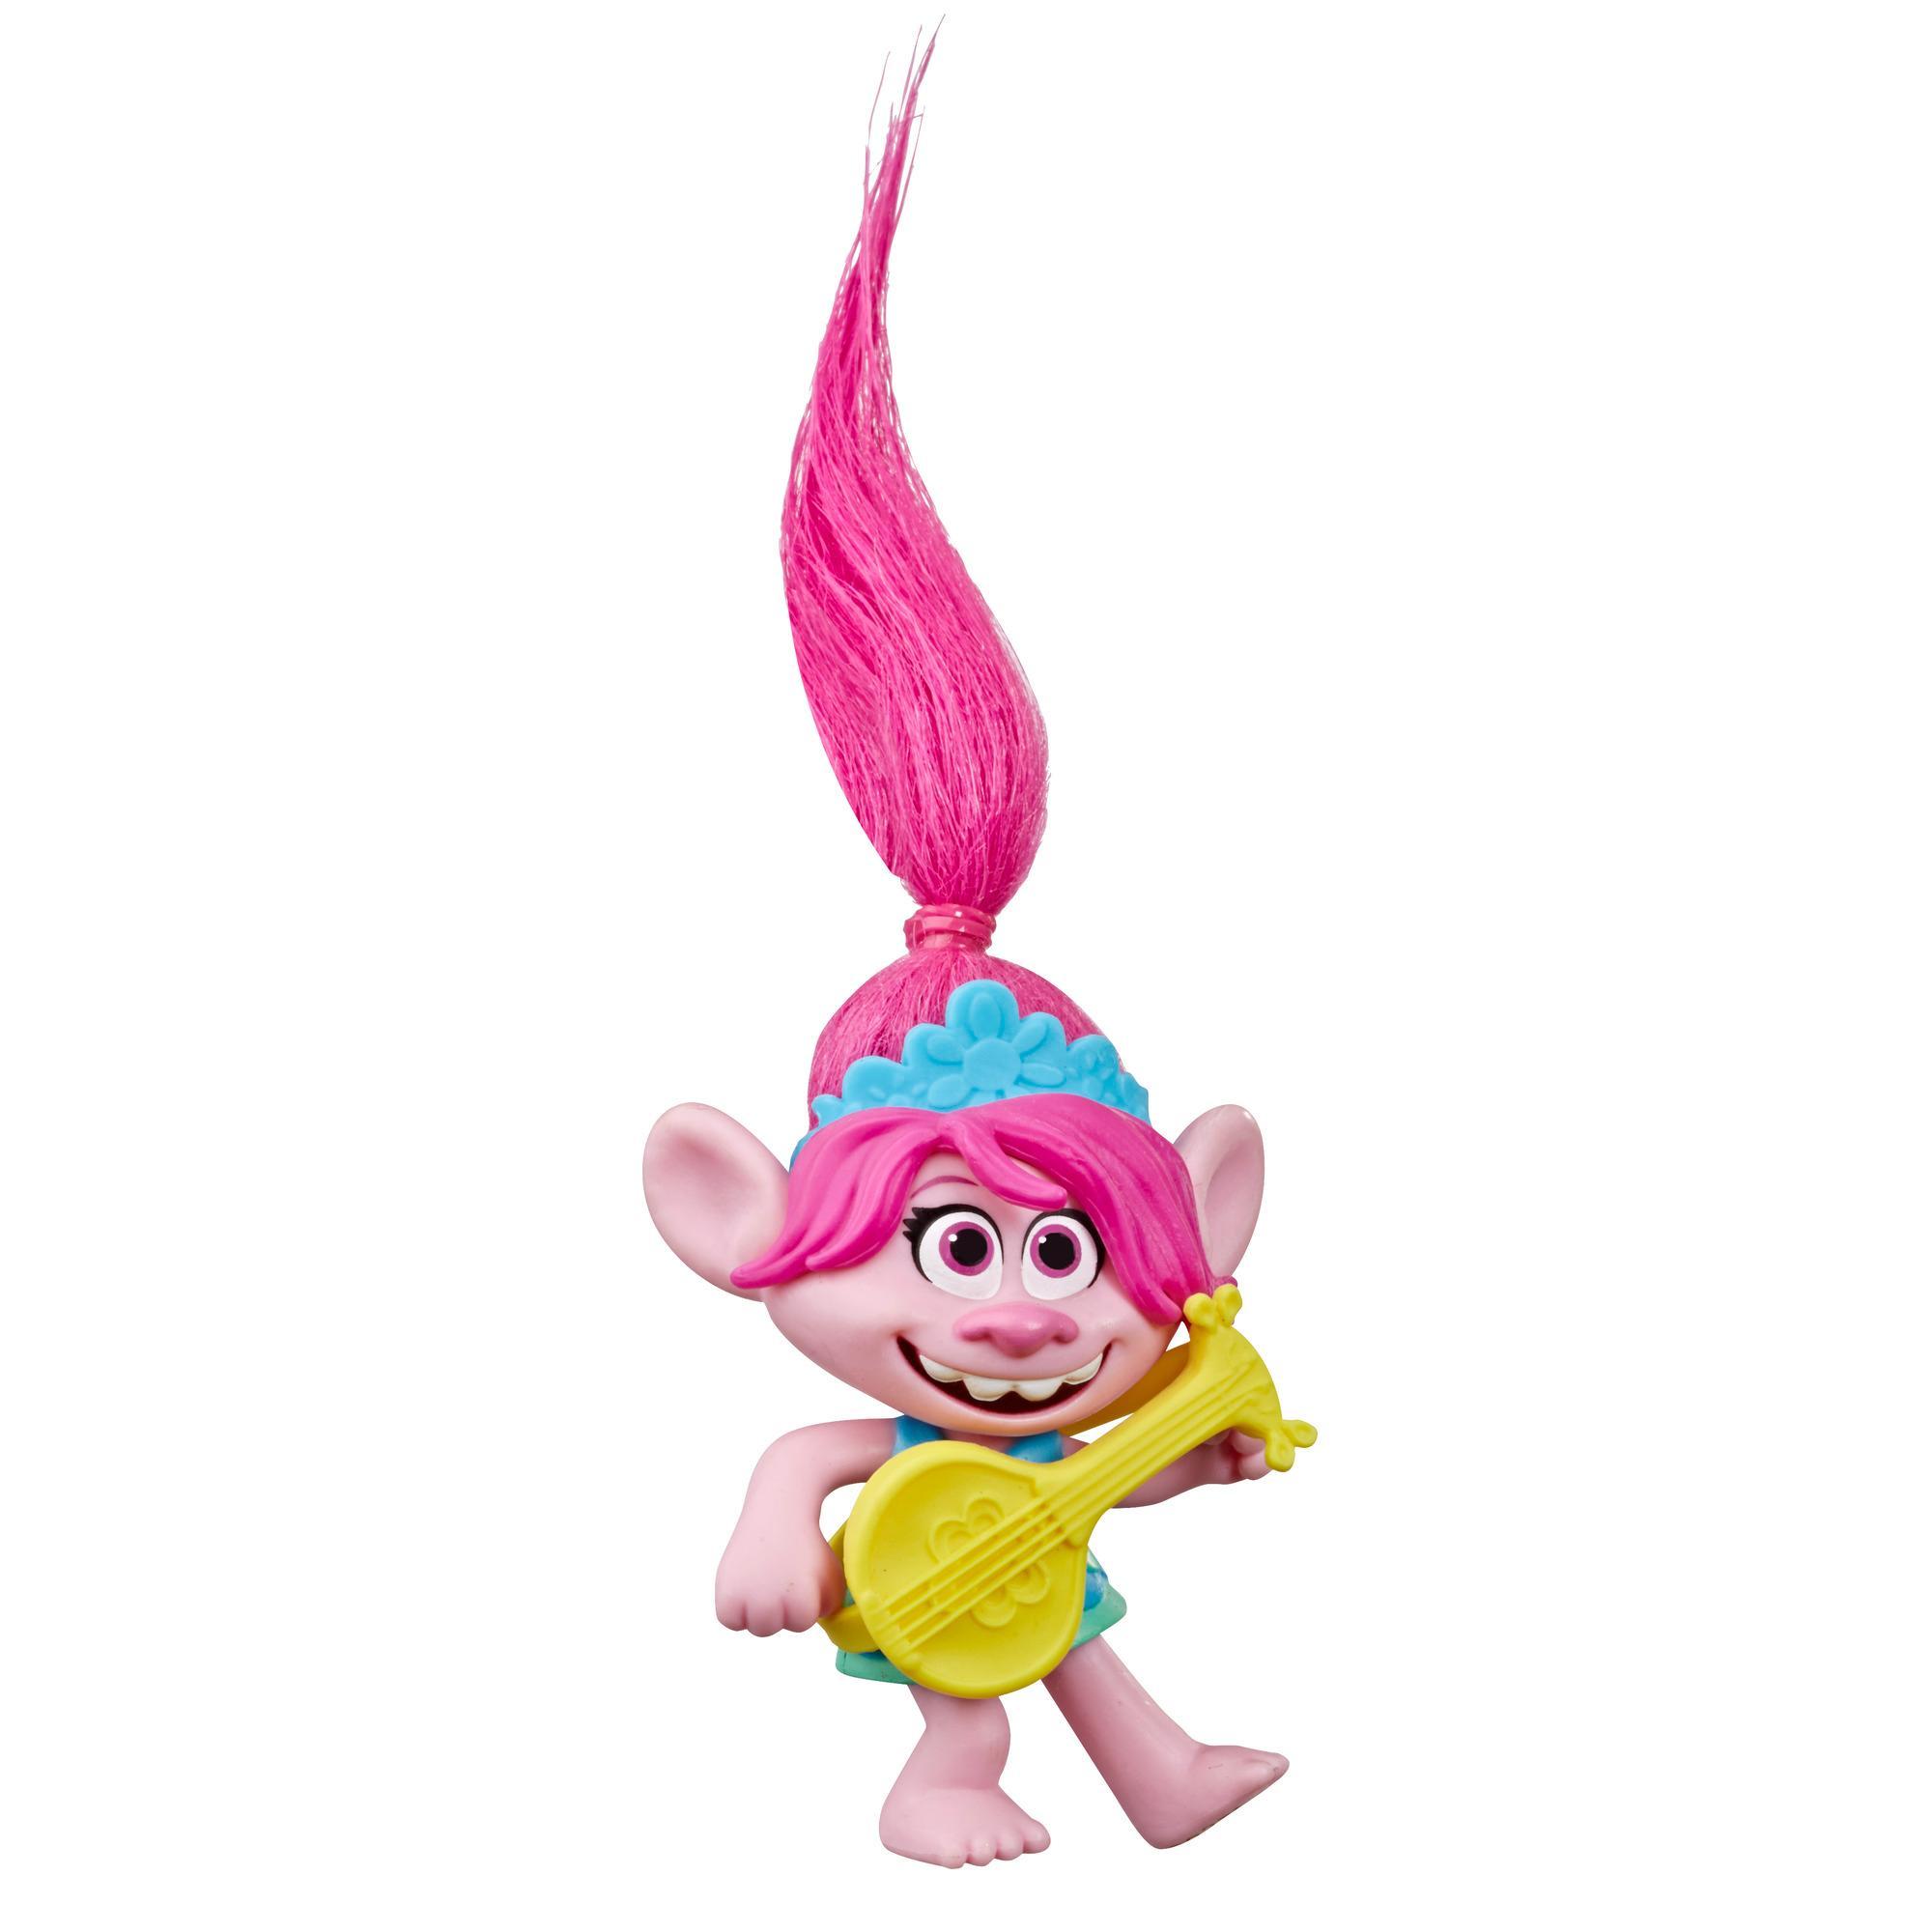 DreamWorks Trolls World Tour - Poppy - Figura de Poppy con ukulele - Juguete inspirado en la película Trolls 2